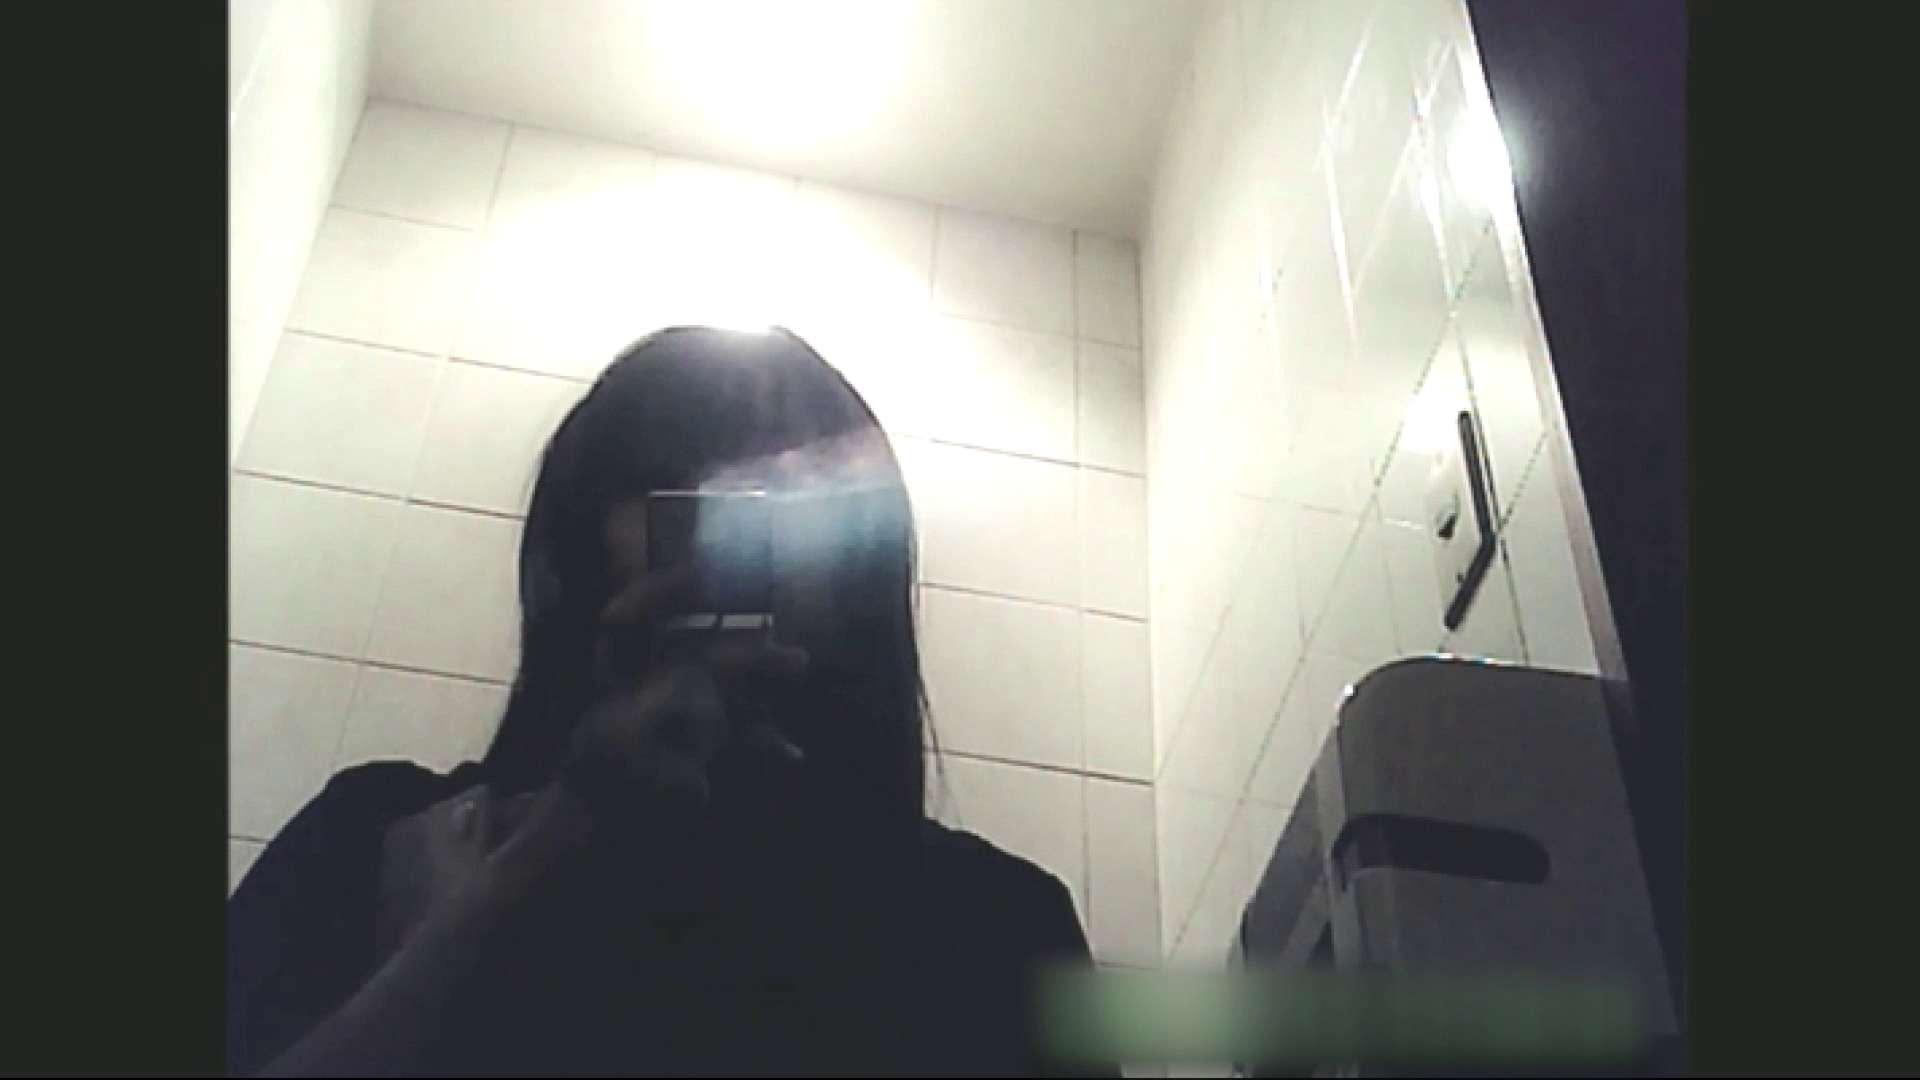 ティーンガールのトイレ覗き‼vol.02 お姉さんのエロ動画 AV無料動画キャプチャ 92PIX 64